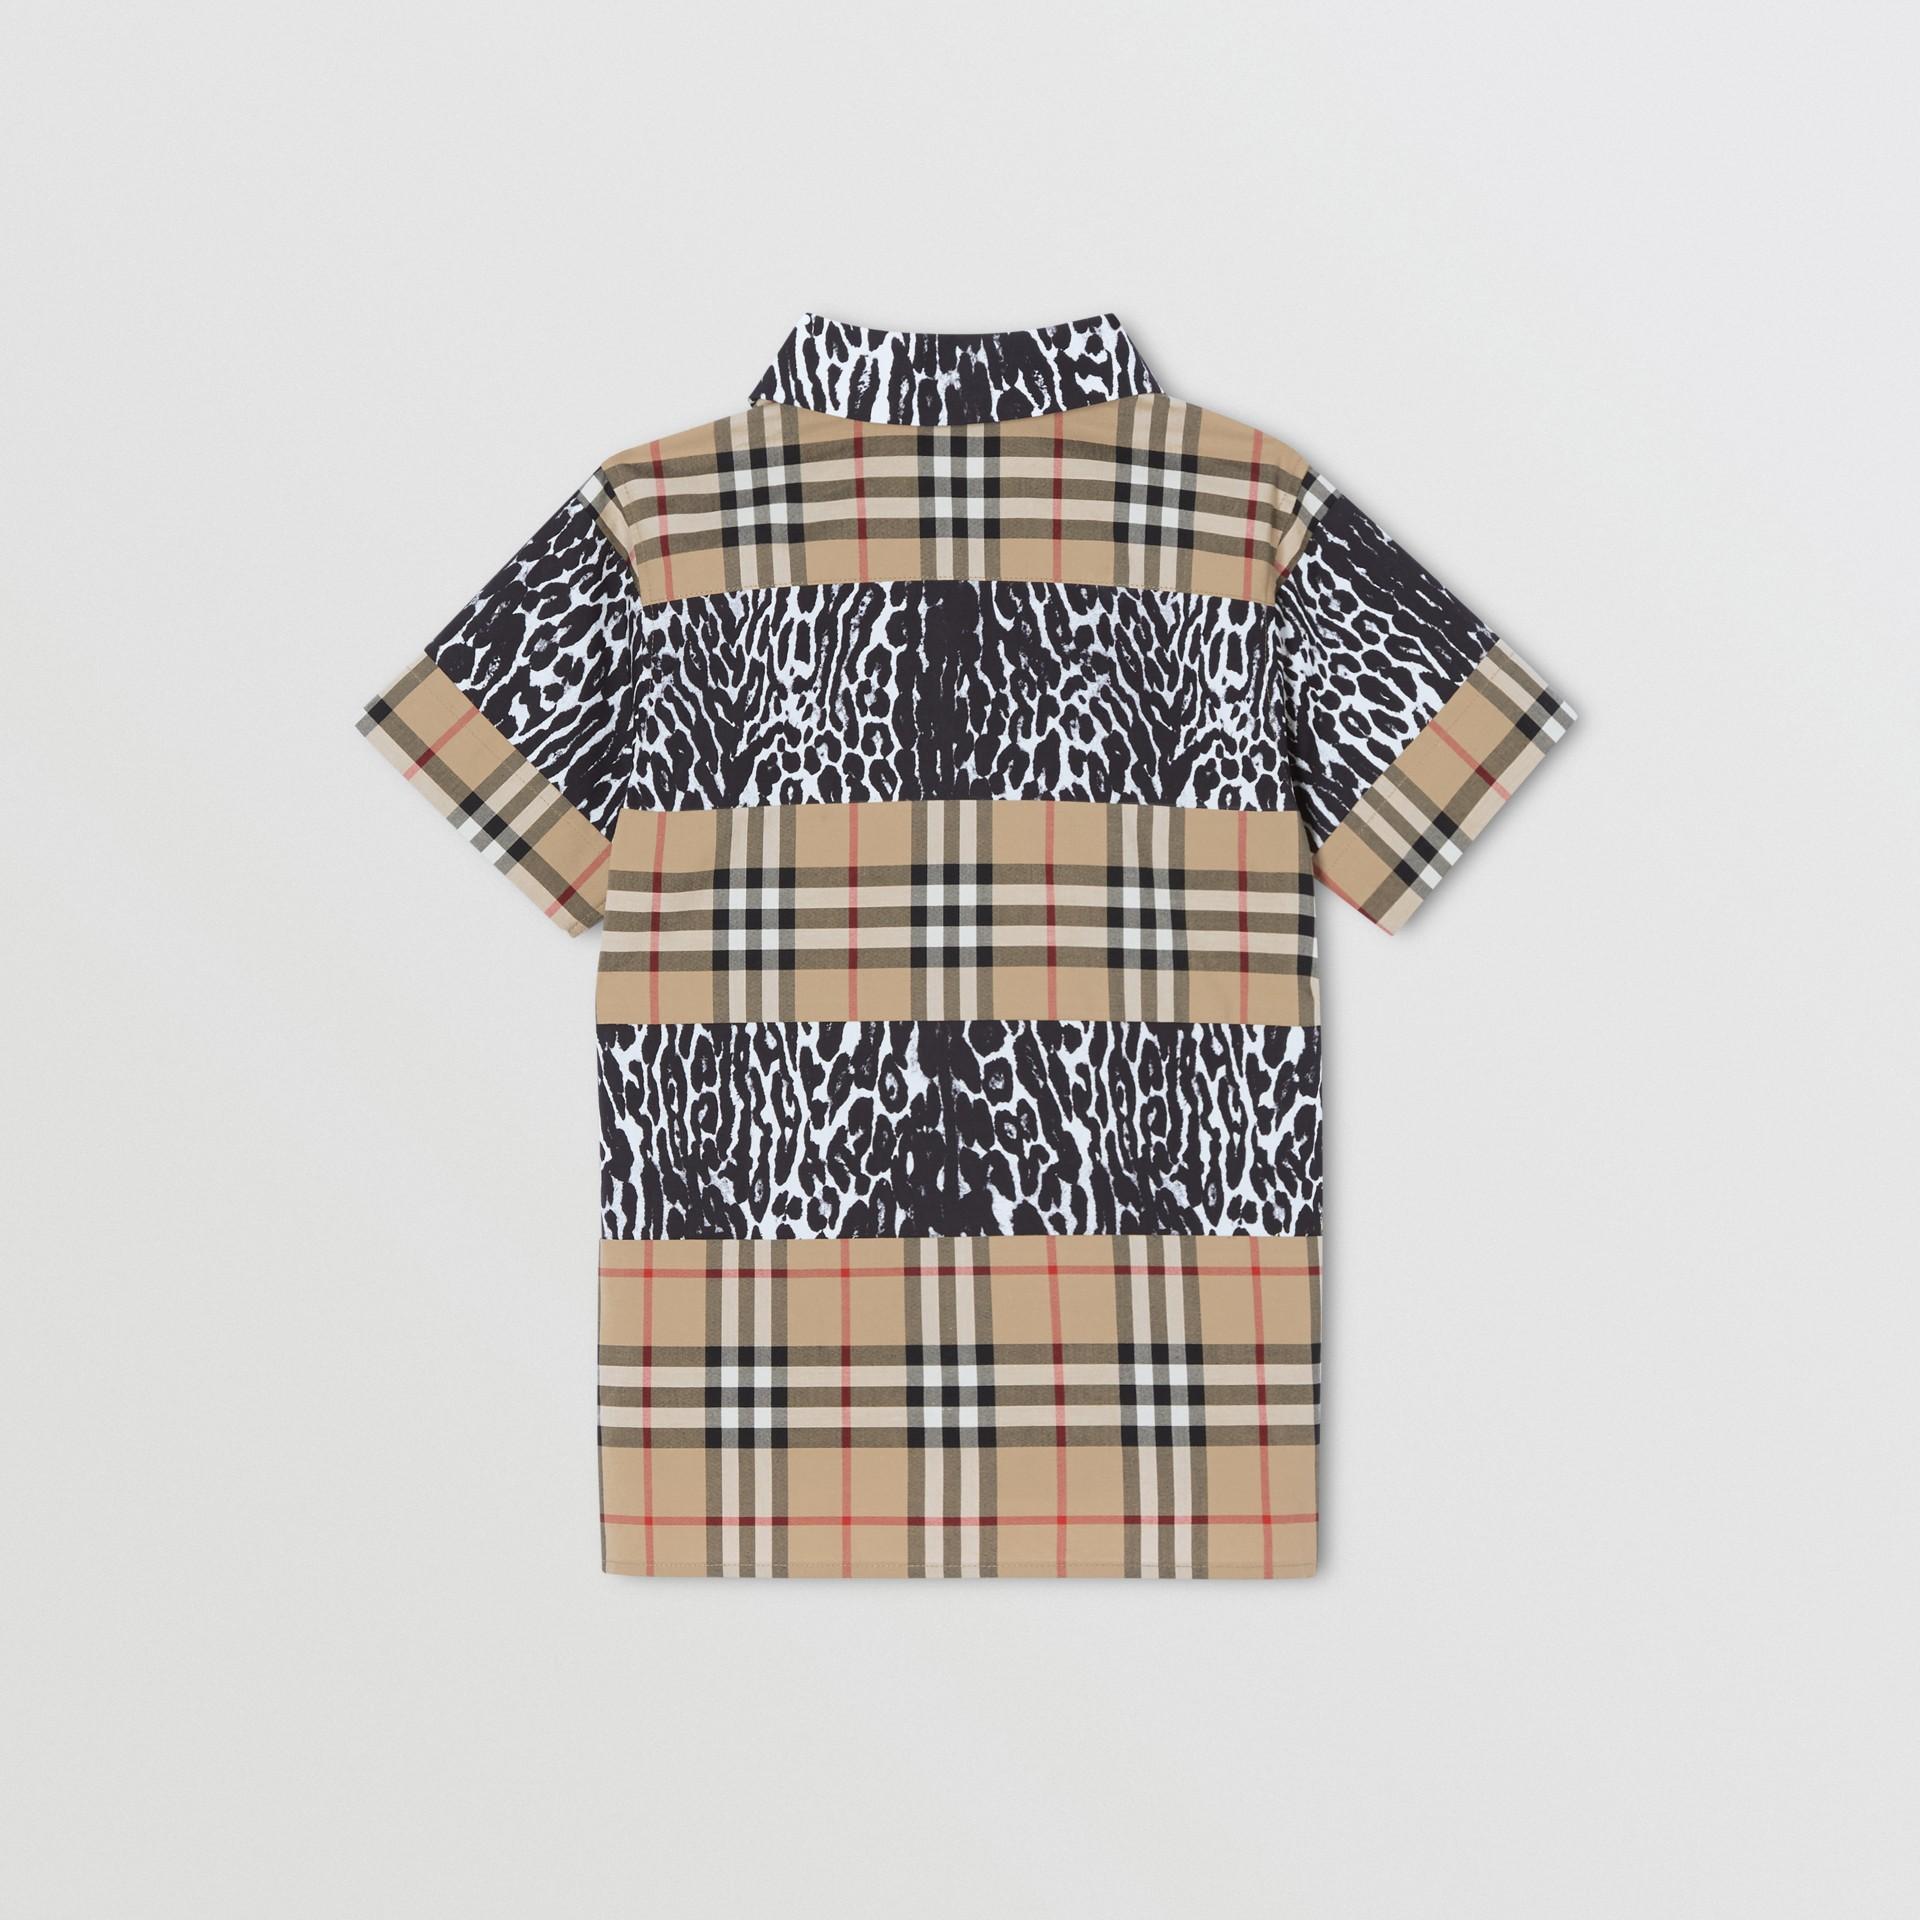 Camicia a maniche corte con motivo Vintage check e stampa leopardata (Beige Archivio) | Burberry - immagine della galleria 3